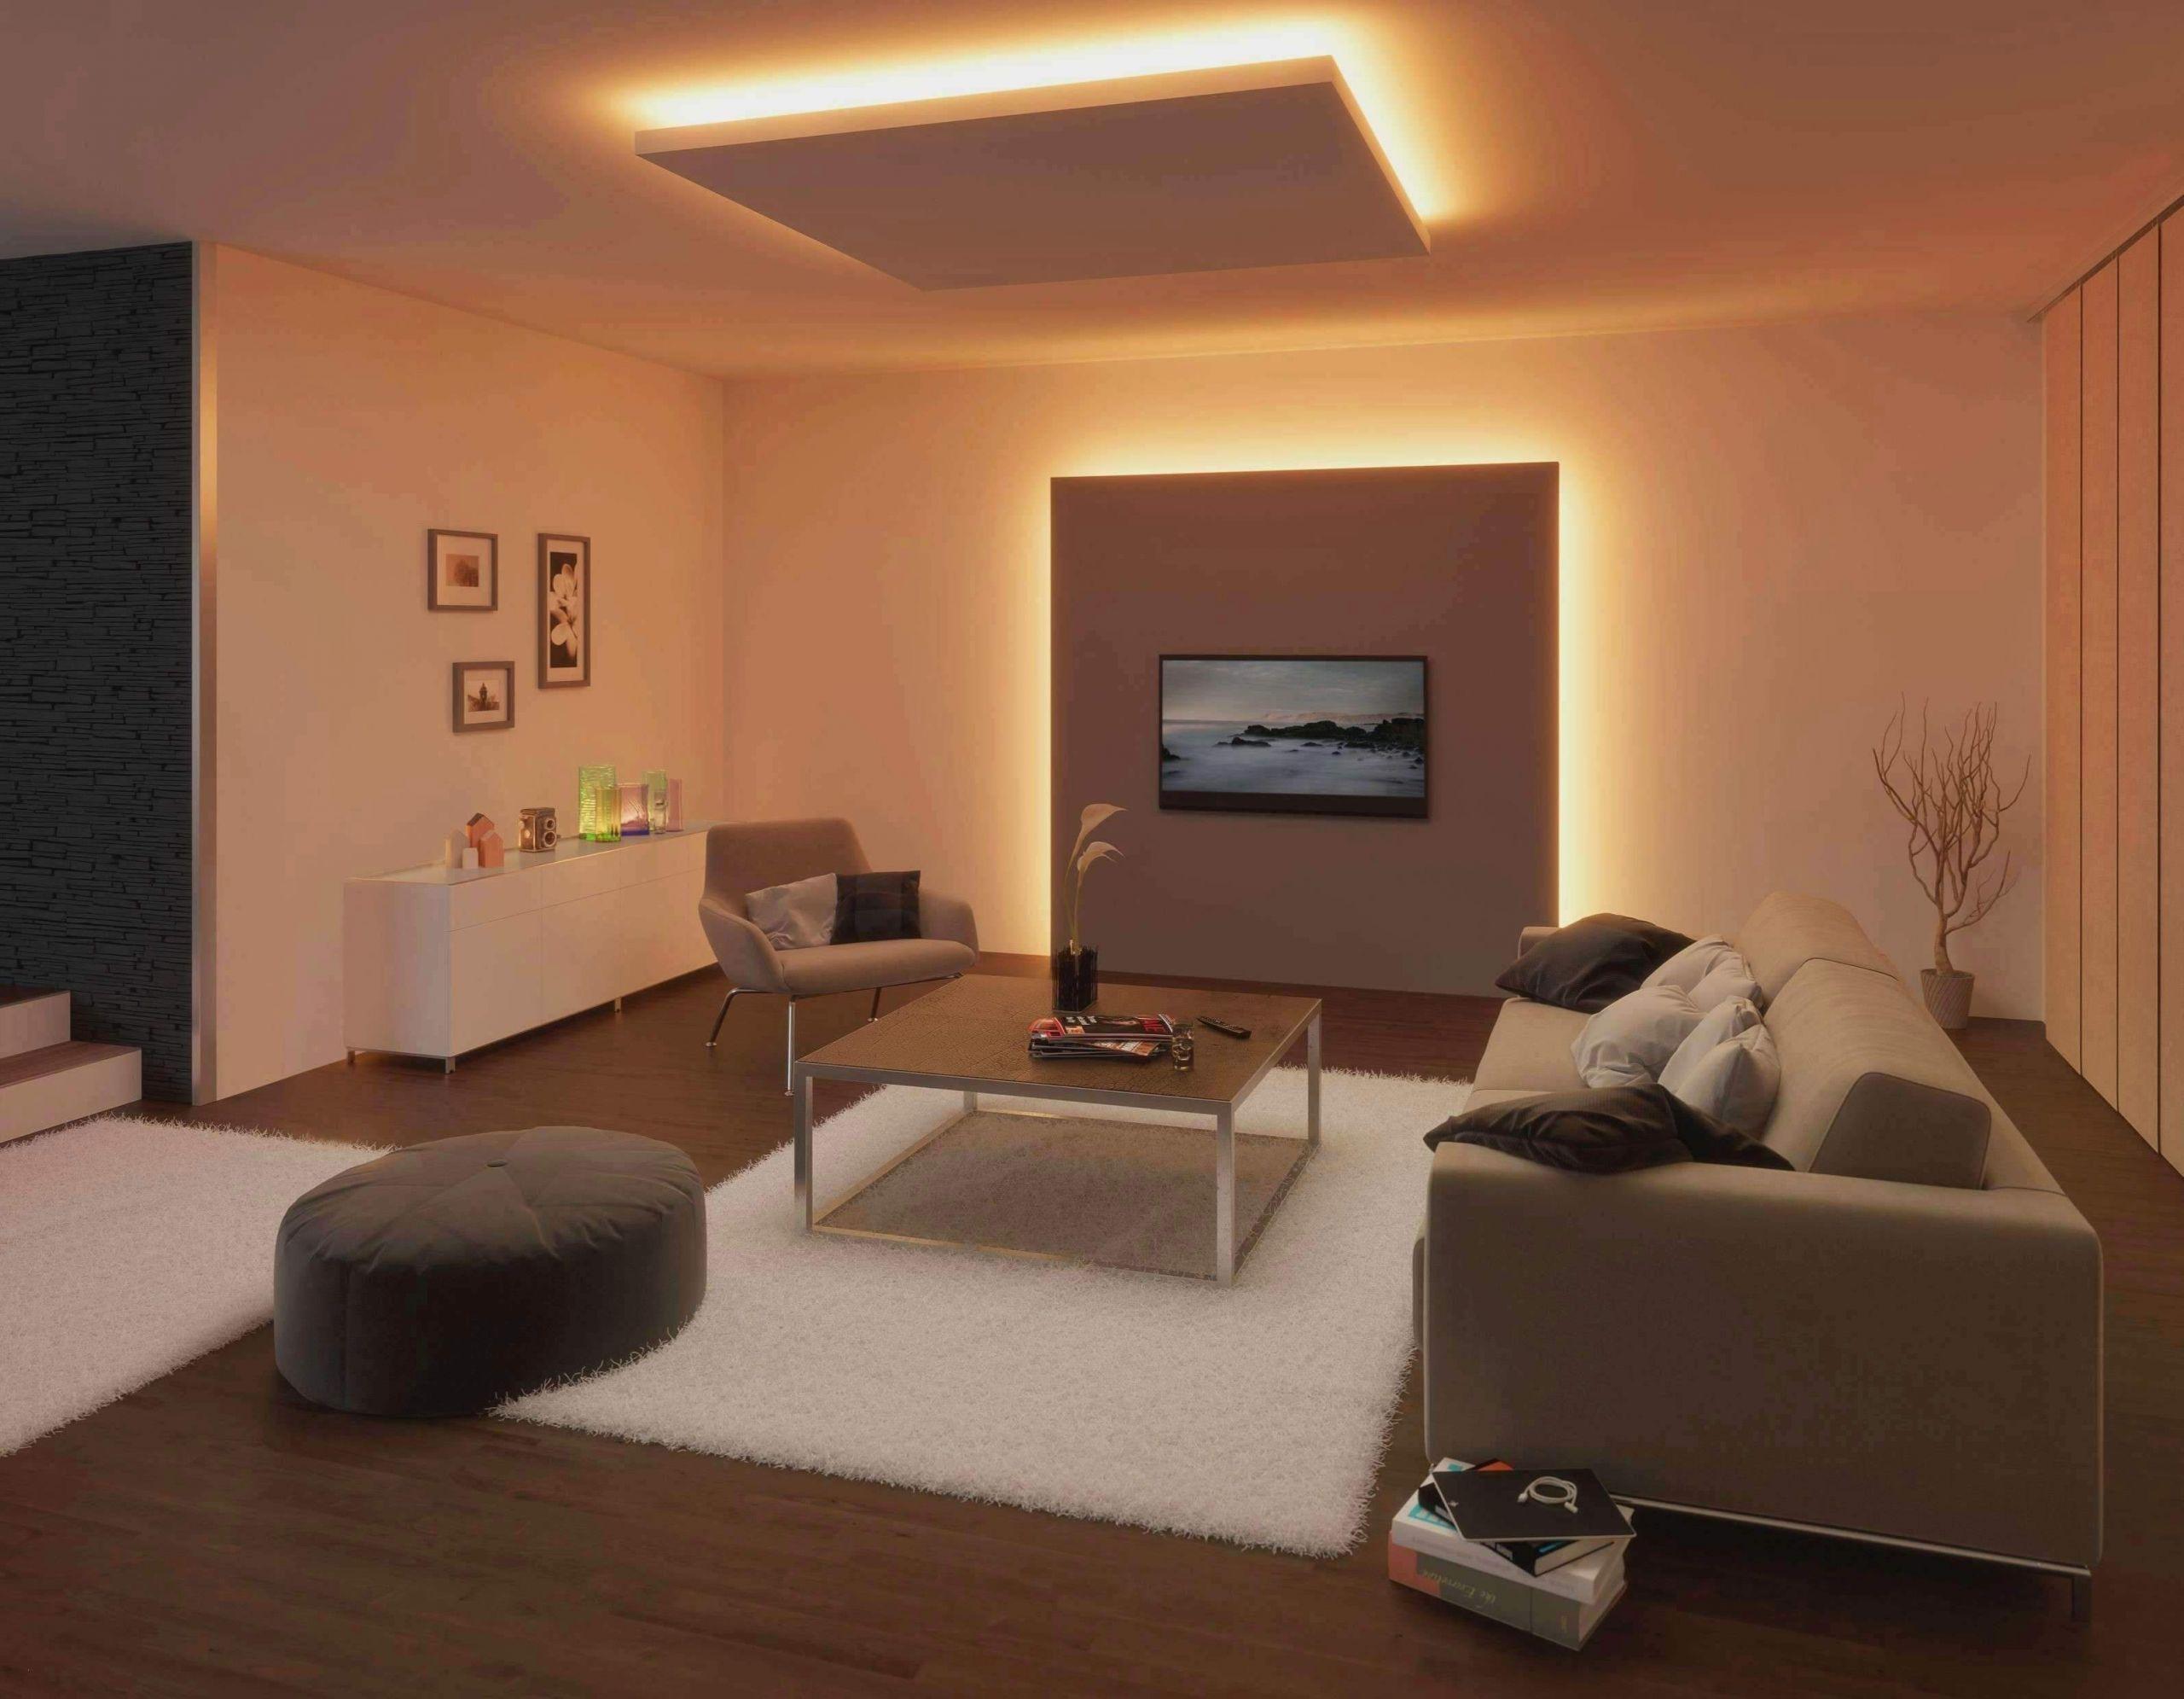 Full Size of Wohnzimmer Sessel Hängeschrank Schrankwand Kommode Liege Heizkörper Deckenlampen Teppiche Lampen Kamin Vorhänge Deckenstrahler Wohnzimmer Dekorationsideen Wohnzimmer